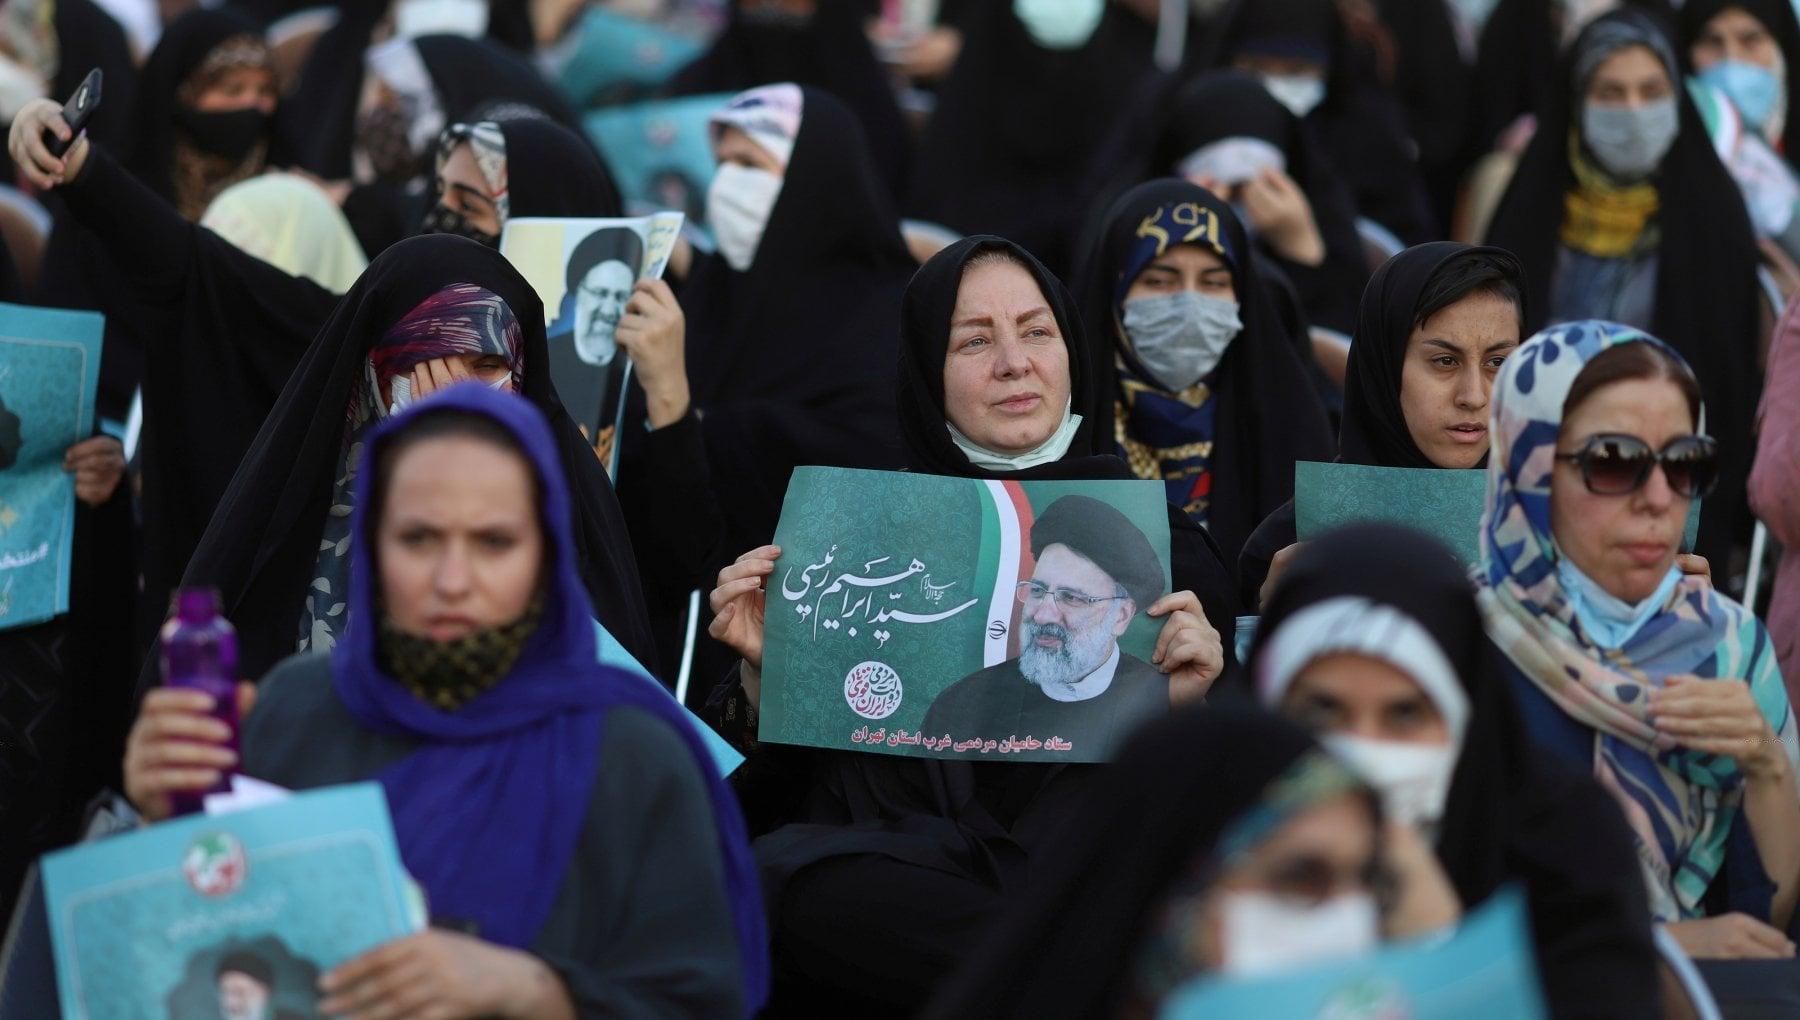 165744427 16c66b2d 8be9 40ed 81e5 61262d3696fa - Iran, le ombre sul passato non frenano la corsa di Raisi verso la presidenza